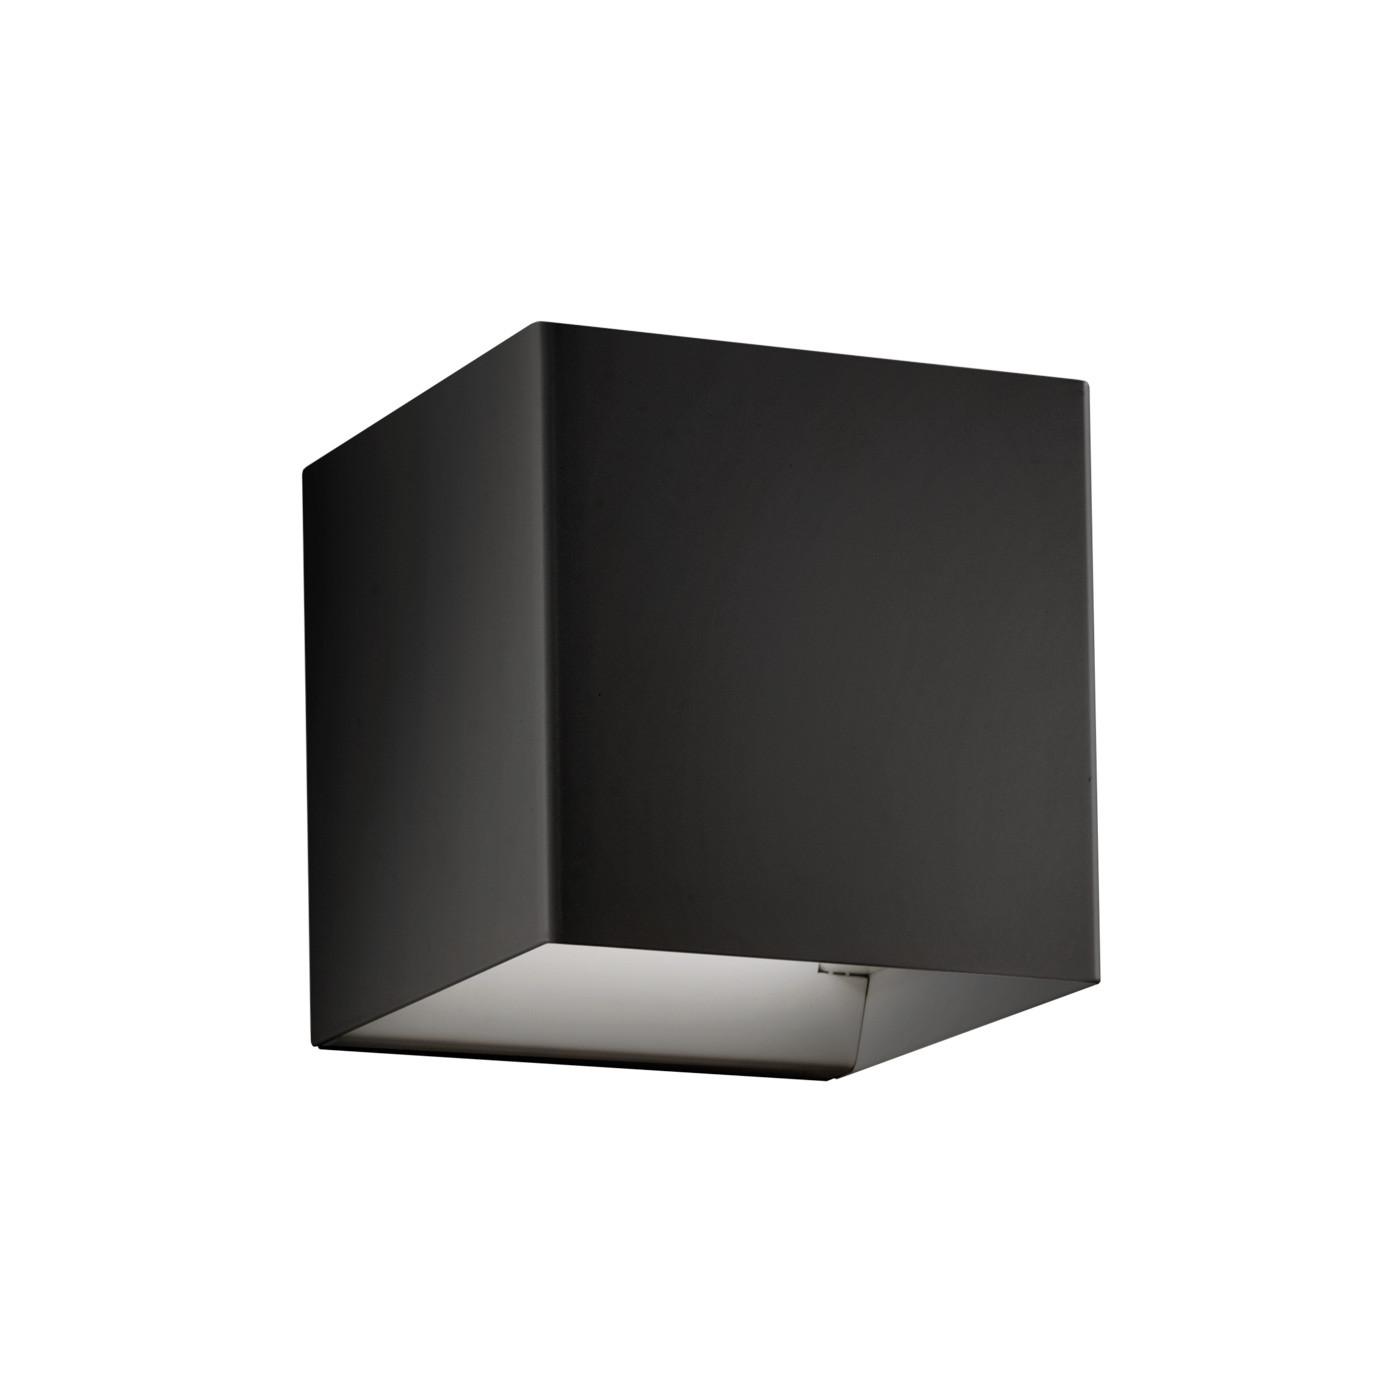 Studio Italia Design Laser 10x10 LED